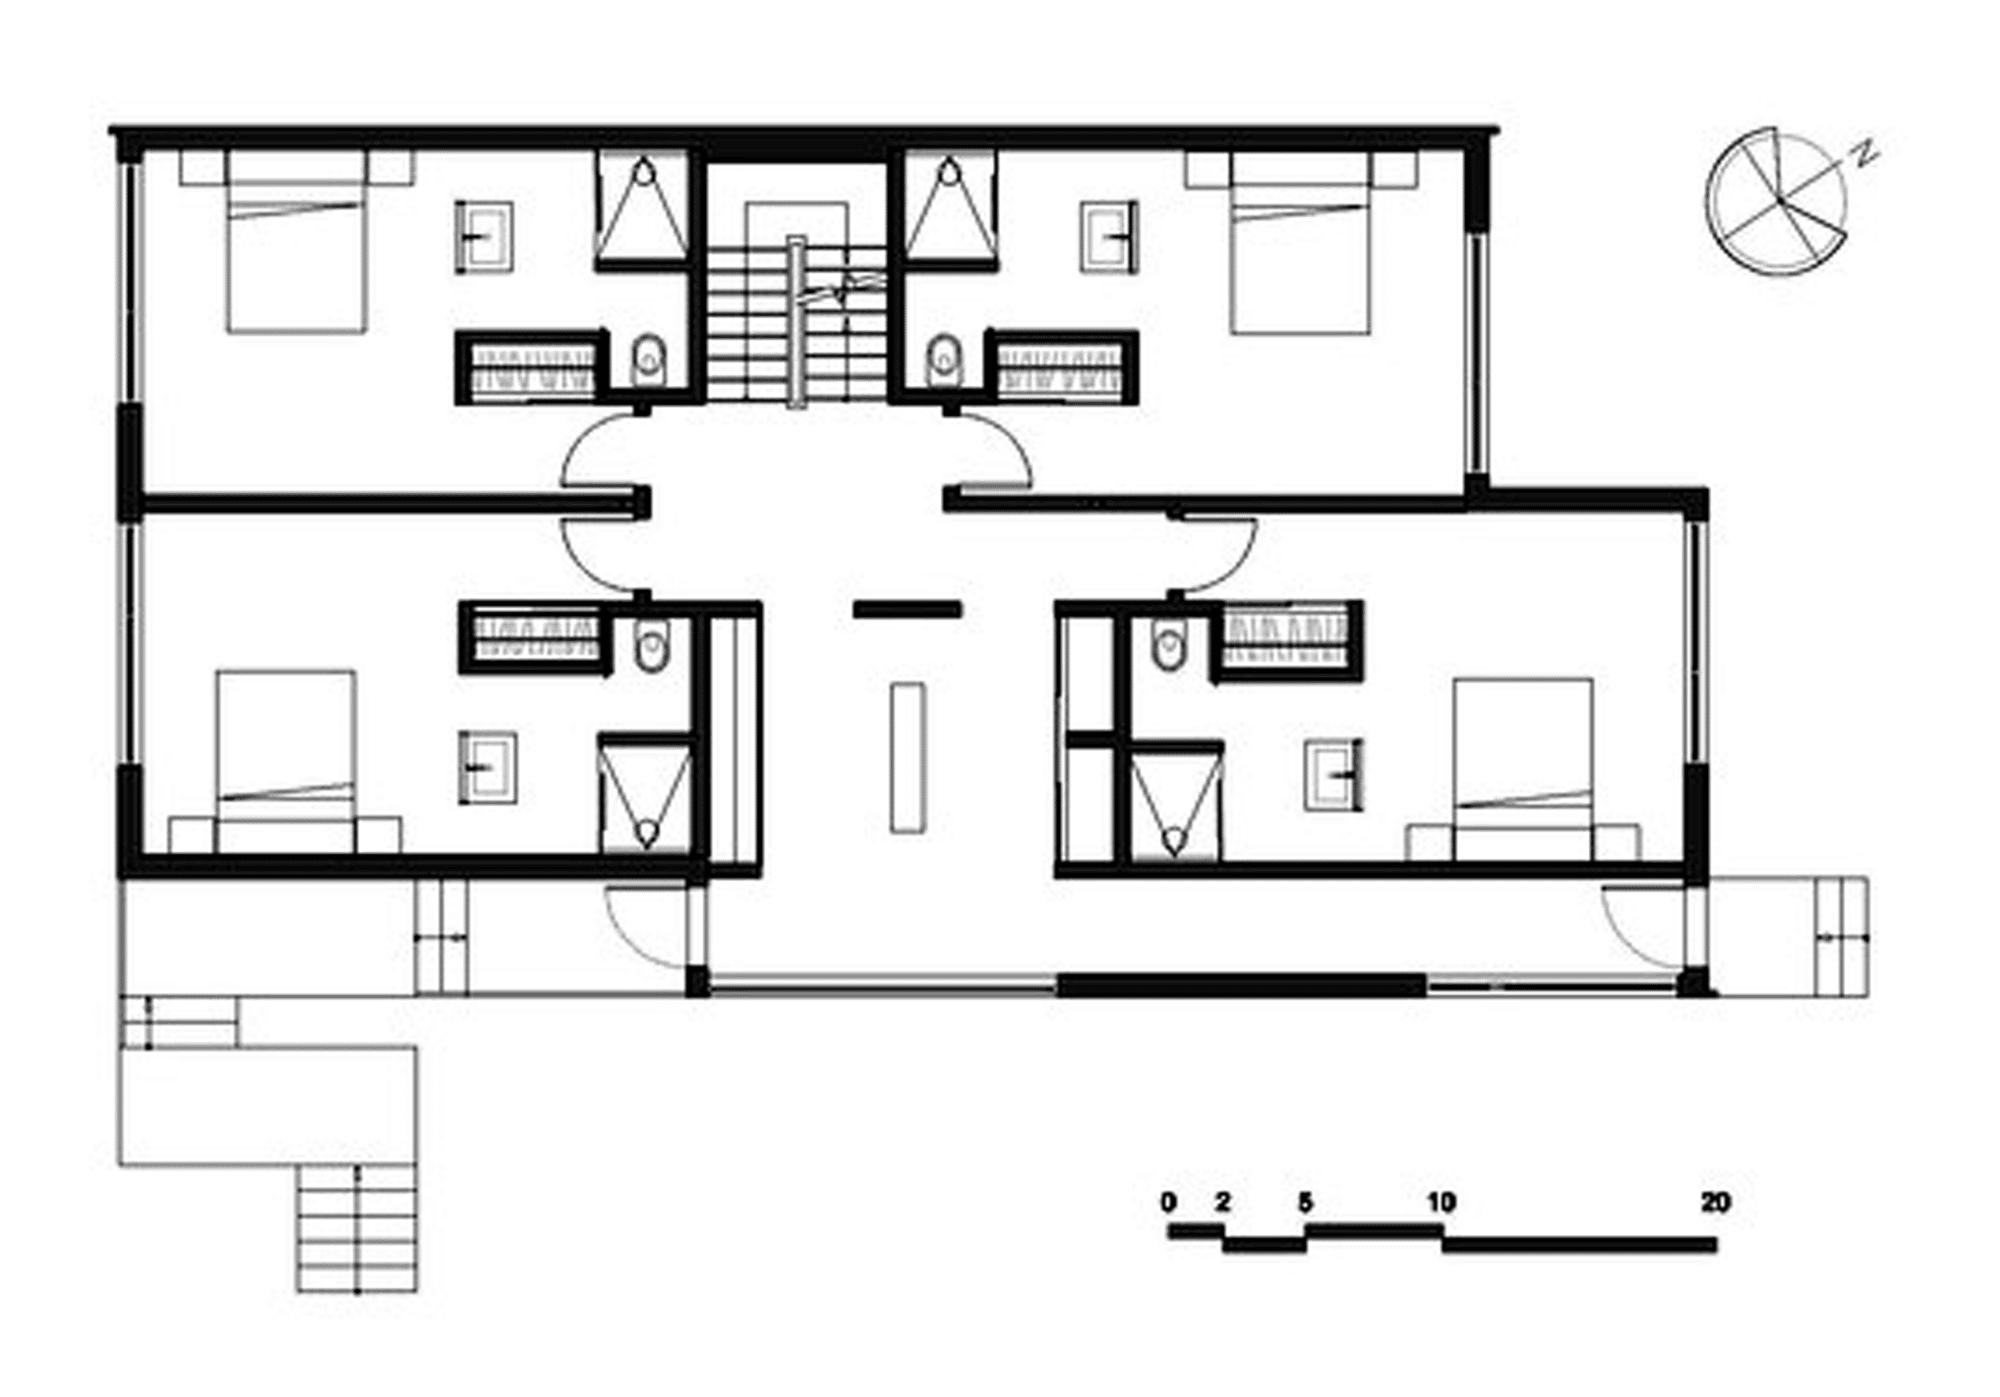 Dise o de casa moderna de dos pisos m s s tano planos for Plano casa un piso